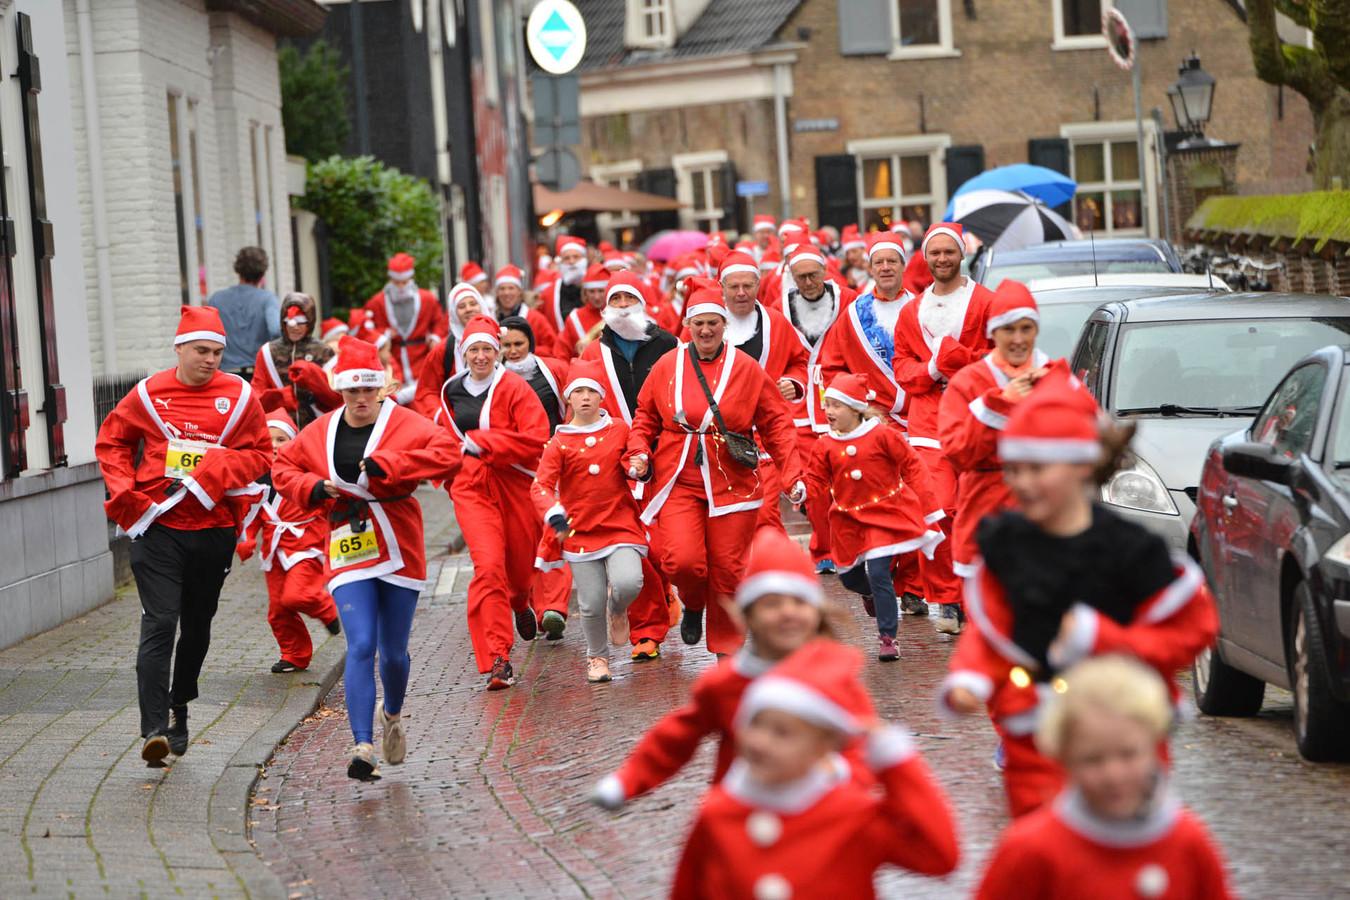 De Stichting Zomerkampen gebruikt het geld om voor het 50e jaar kinderen uit arme gezinnen een vakantie te kunnen bieden.